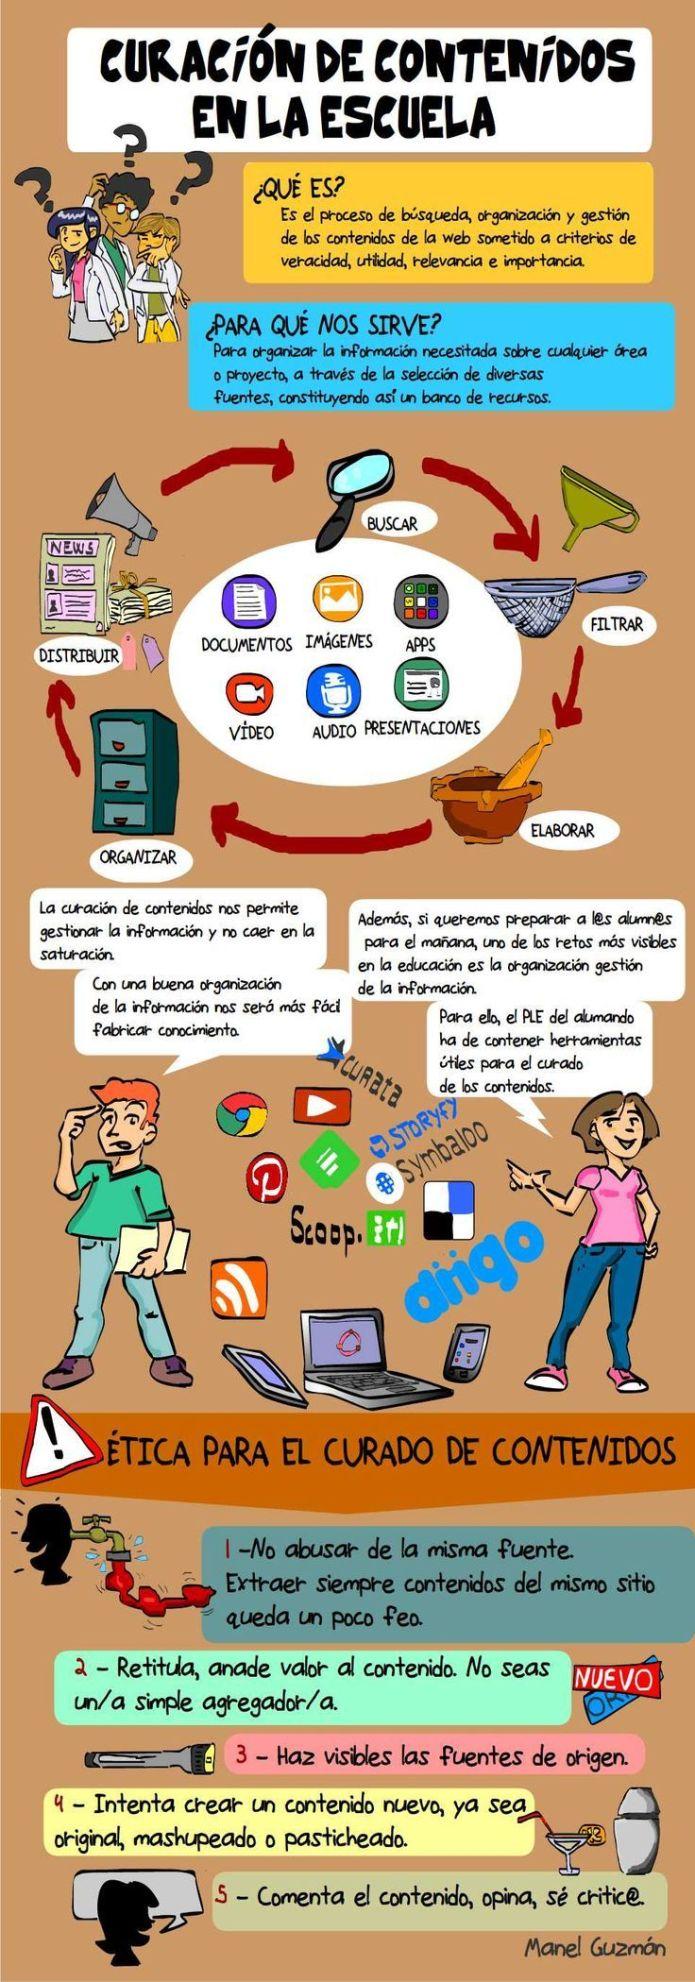 CuraciónContenidosUsosEscuela-Infografía-BlogGesvin